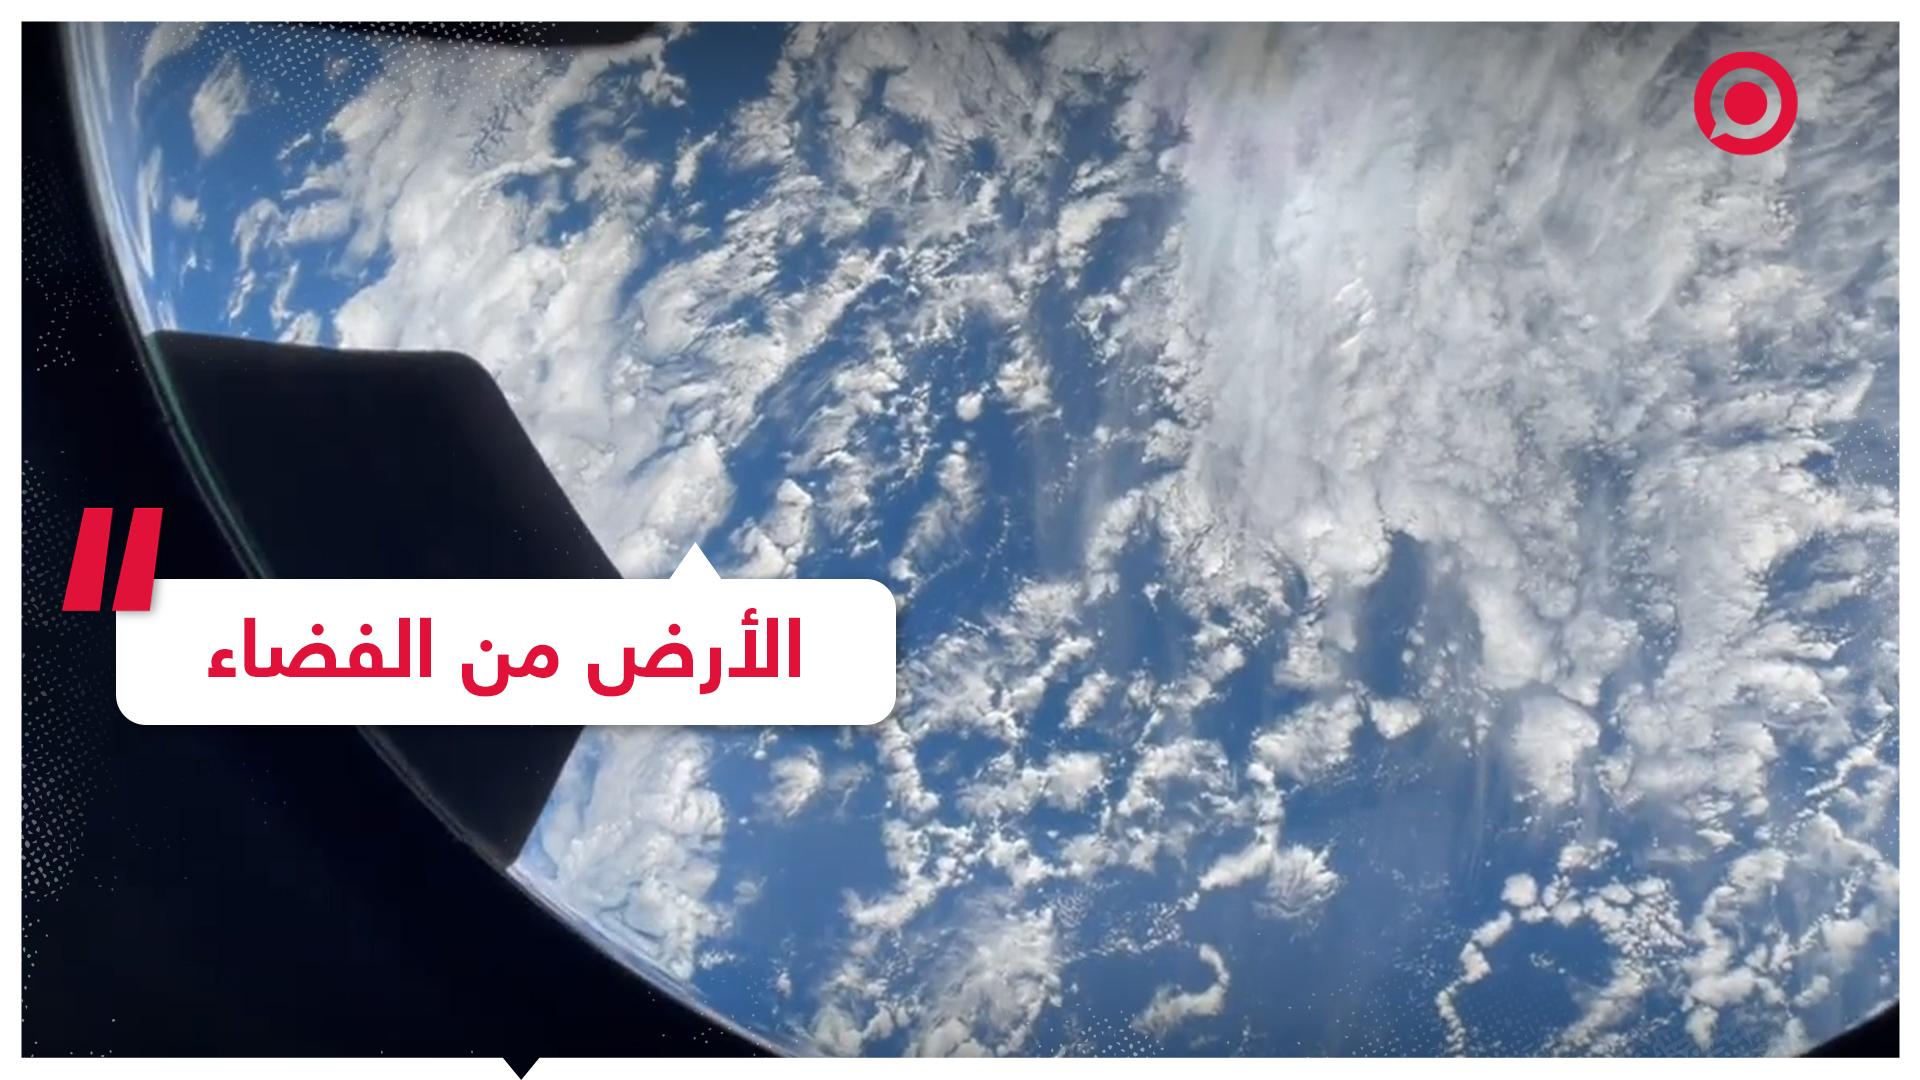 #الفضاء #سبيس_إكس